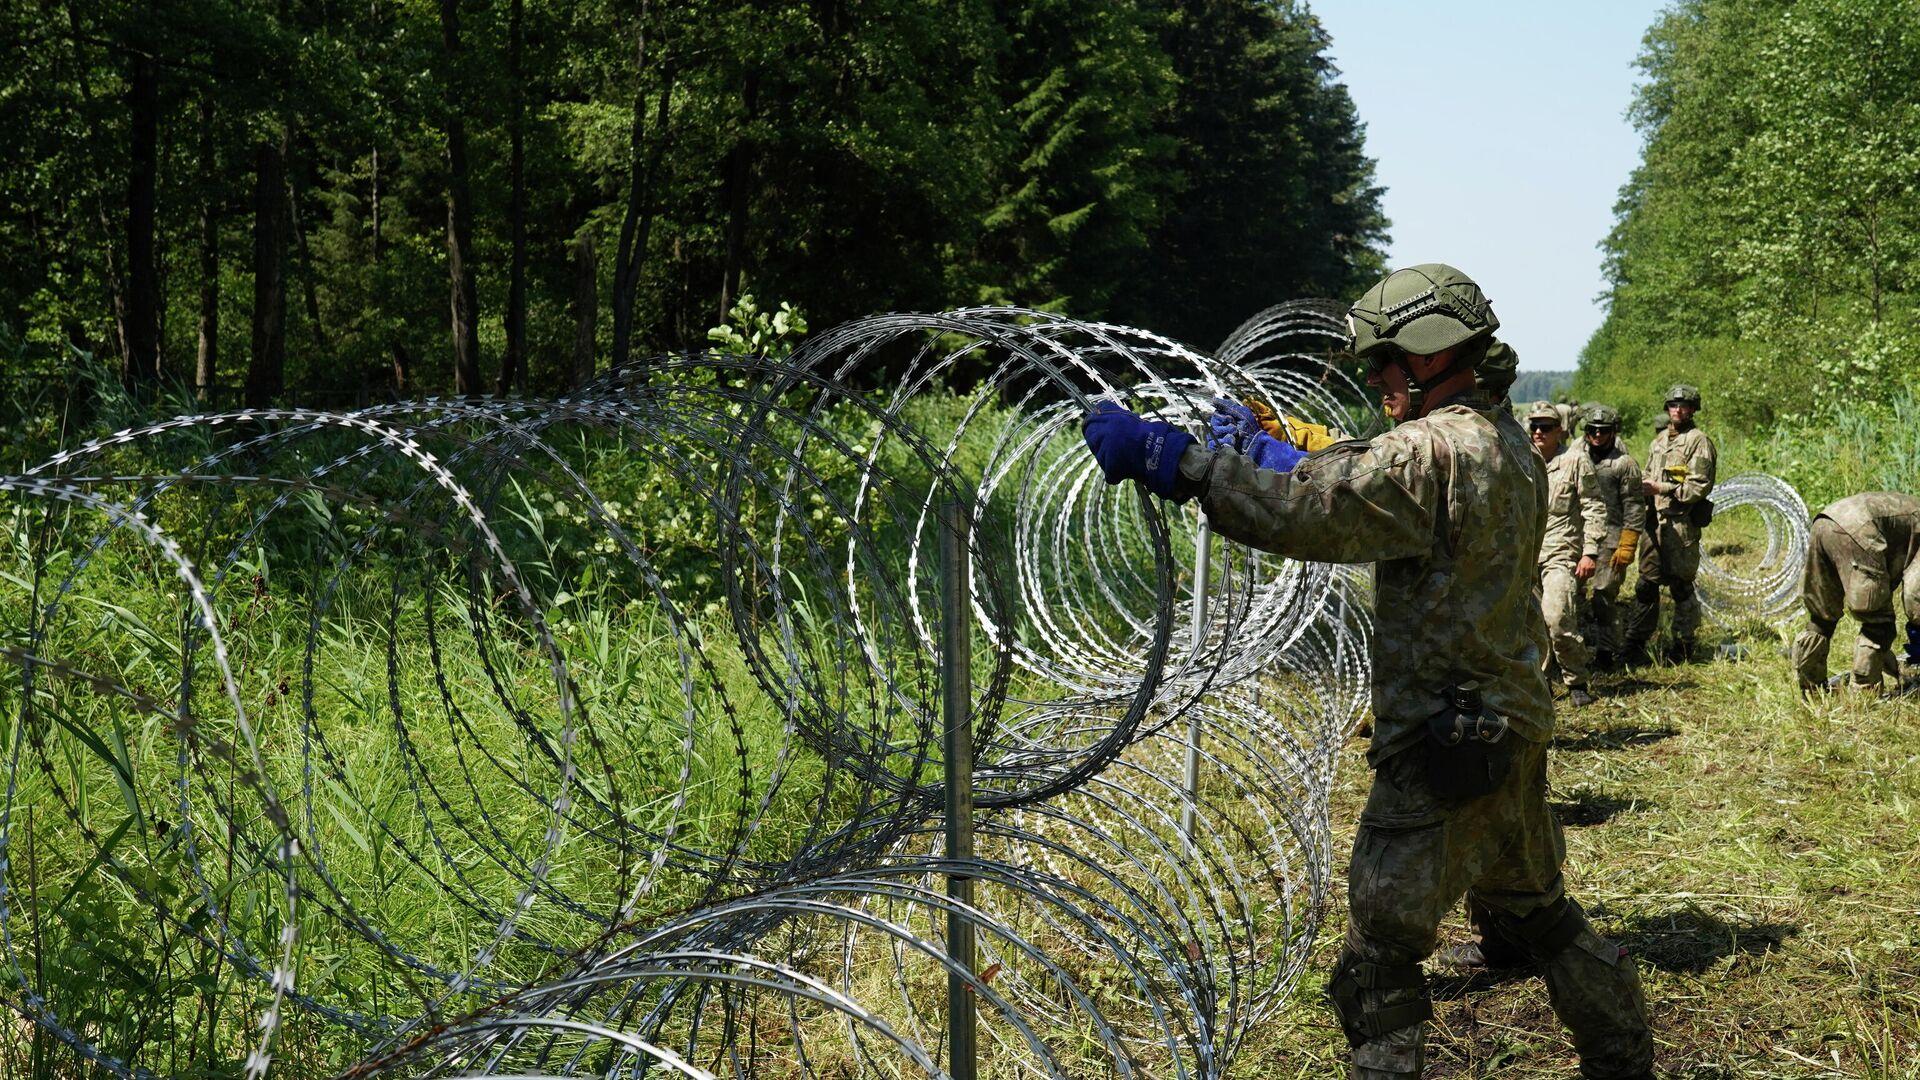 Das EU-Land Litauen baut Absperrungen an der Grenze zu Weißrussland, um den Zustrom illegaler Migranten zu stoppen. Druskininkai, 9. Juli 2021 - SNA, 1920, 19.07.2021